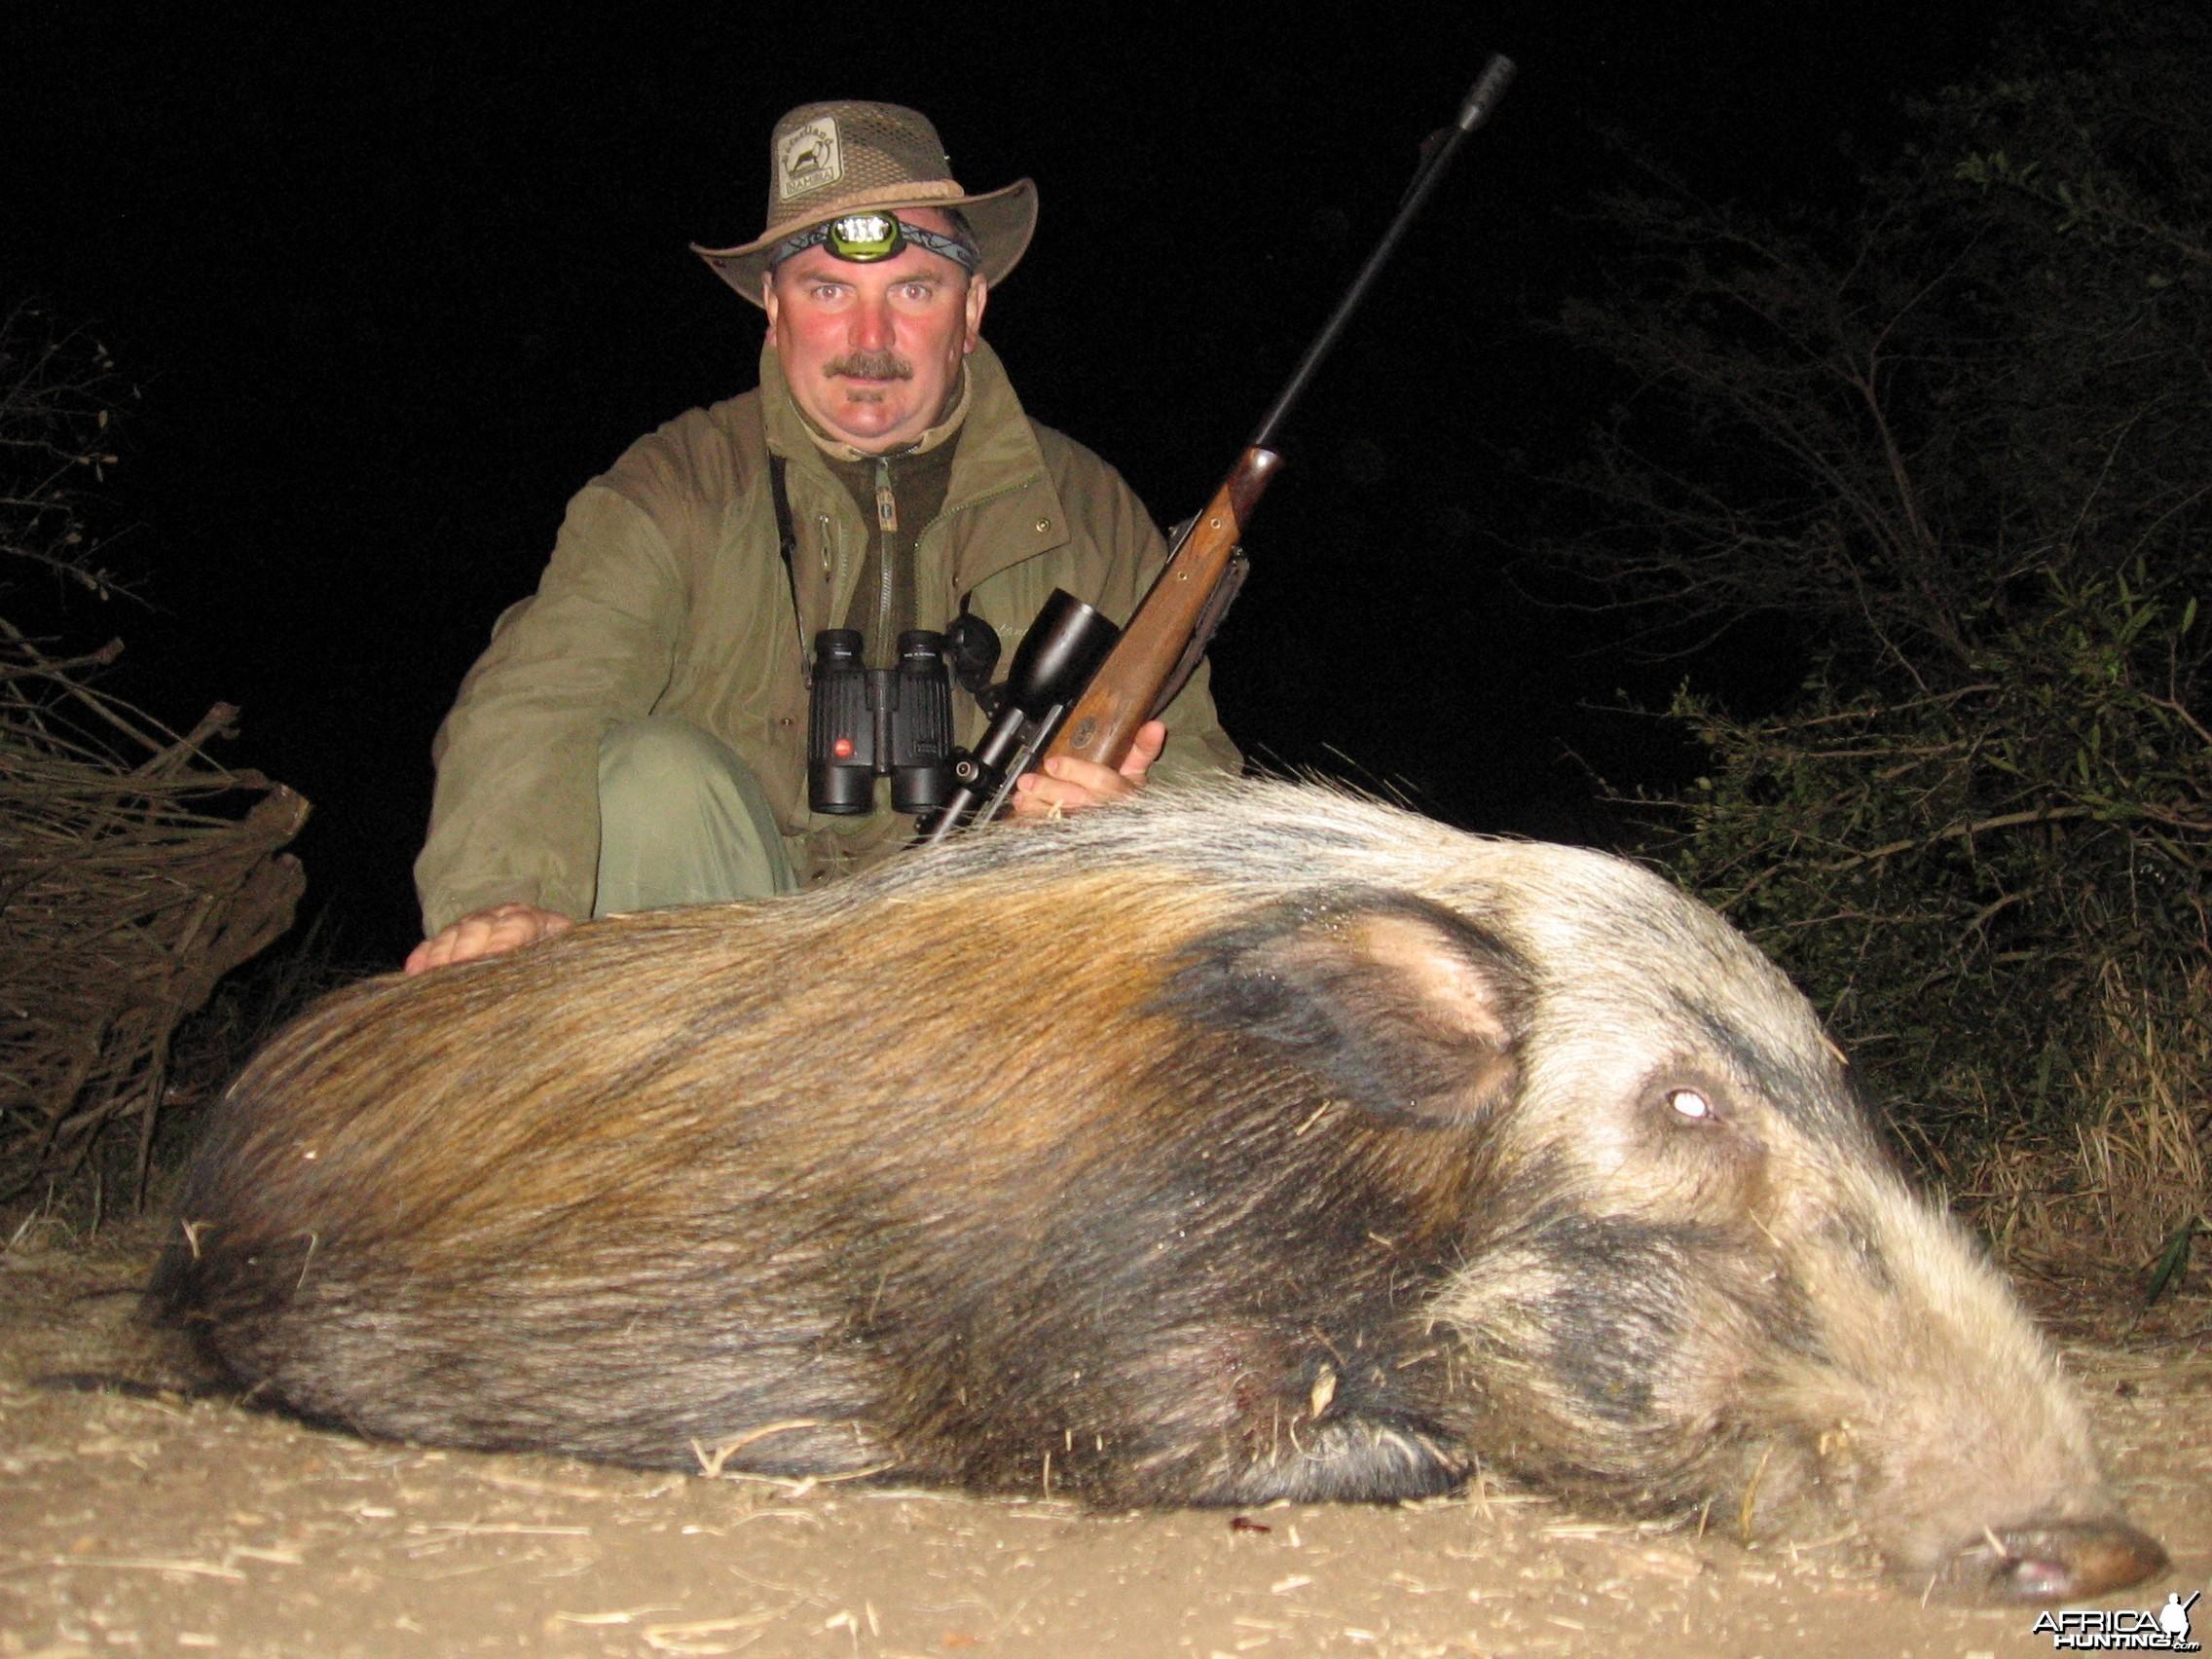 Hunting Bushpig